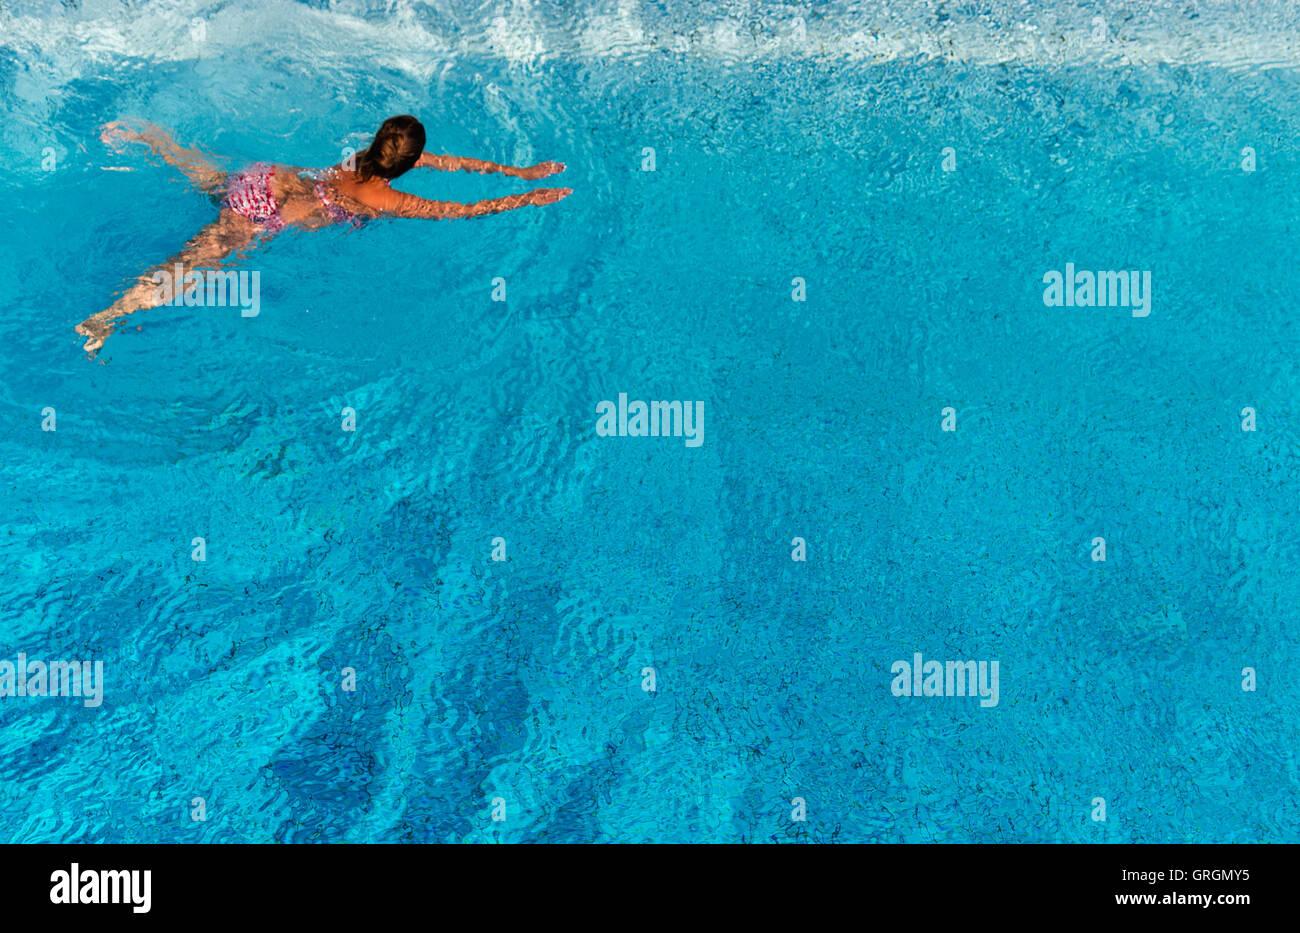 Hannover, Germania. 7 Sep, 2016. Una donna di nuoto nella piscina del Lister di Hannover, Germania, 7 settembre Immagini Stock